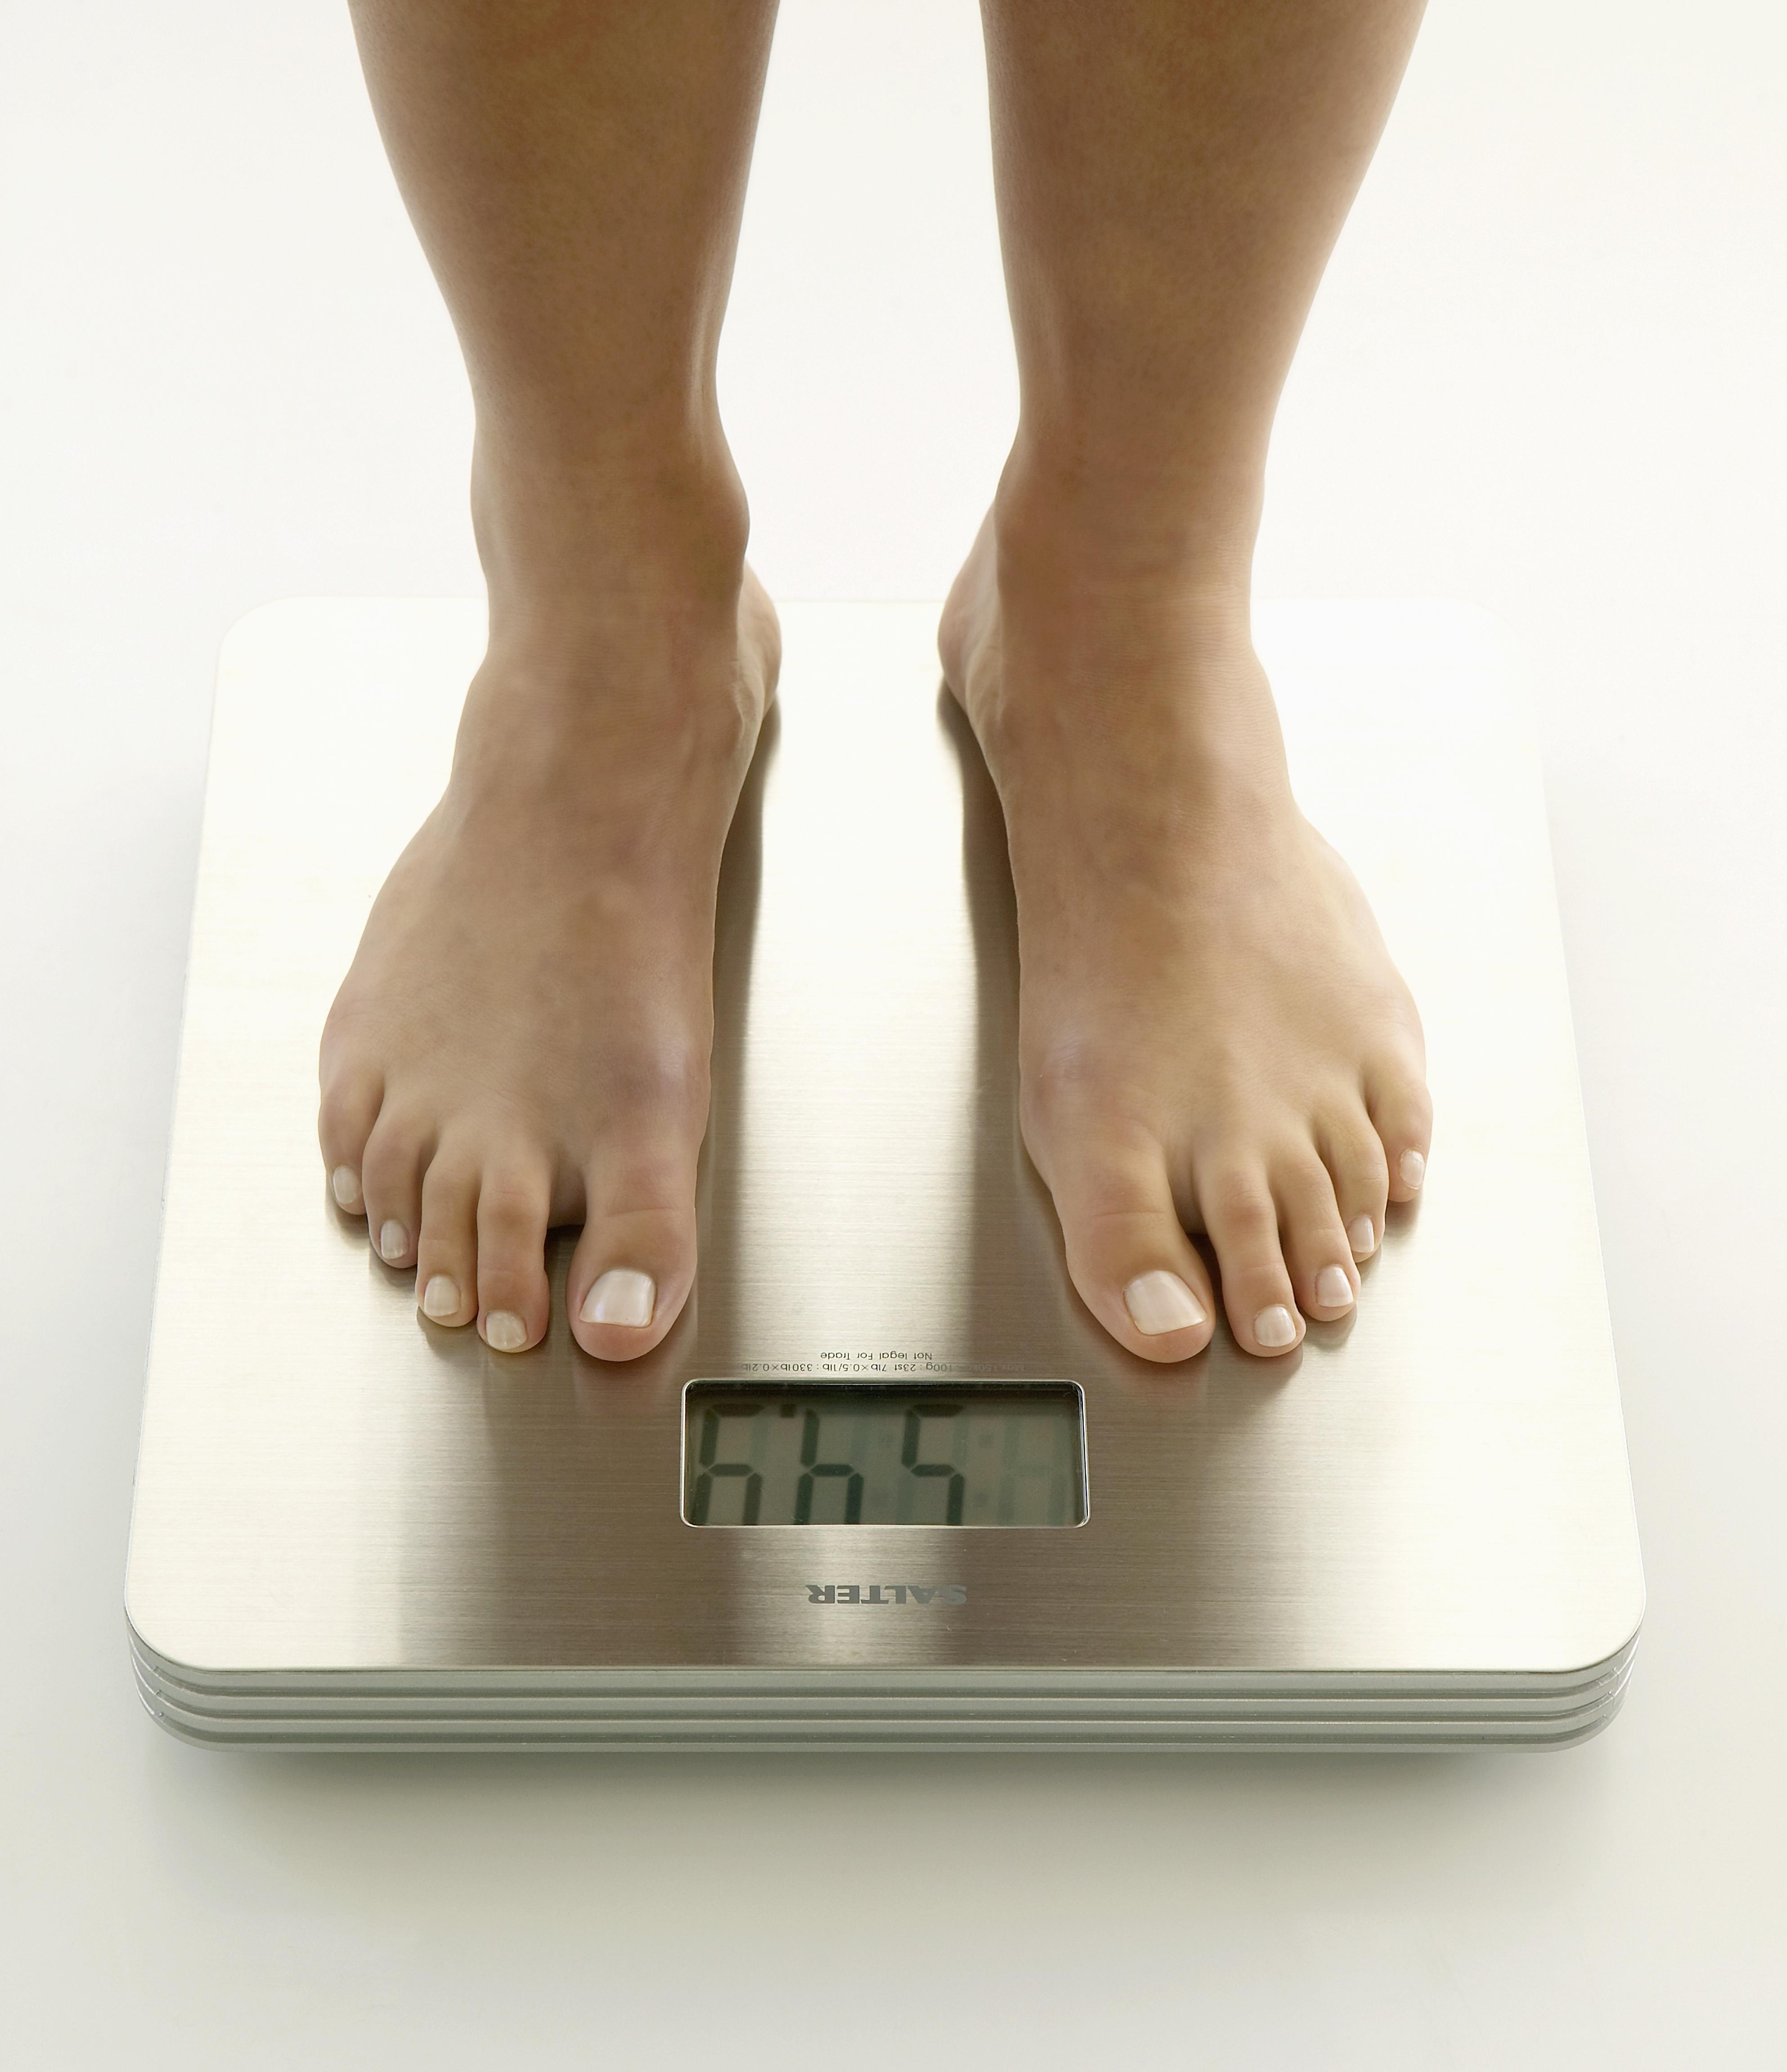 pierdere în greutate cât durează